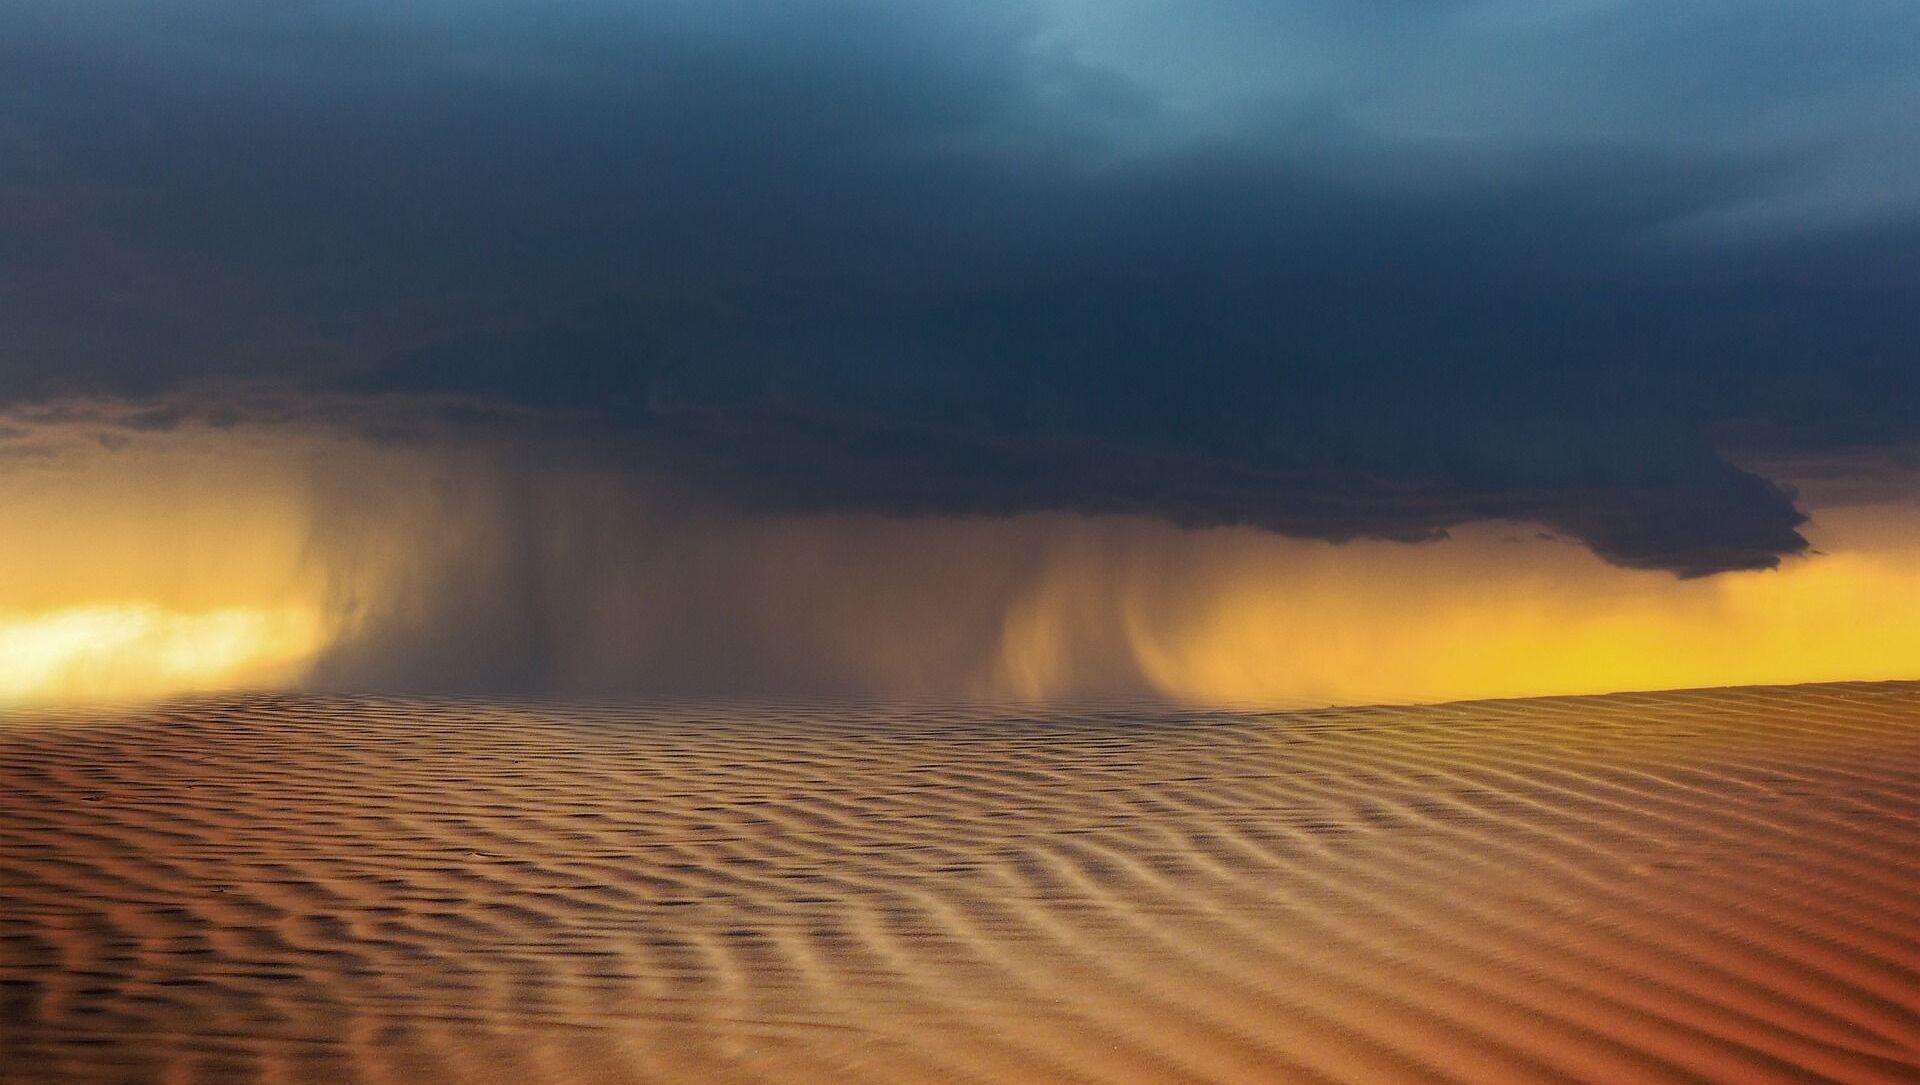 Une tempête de sable - Sputnik France, 1920, 14.03.2021